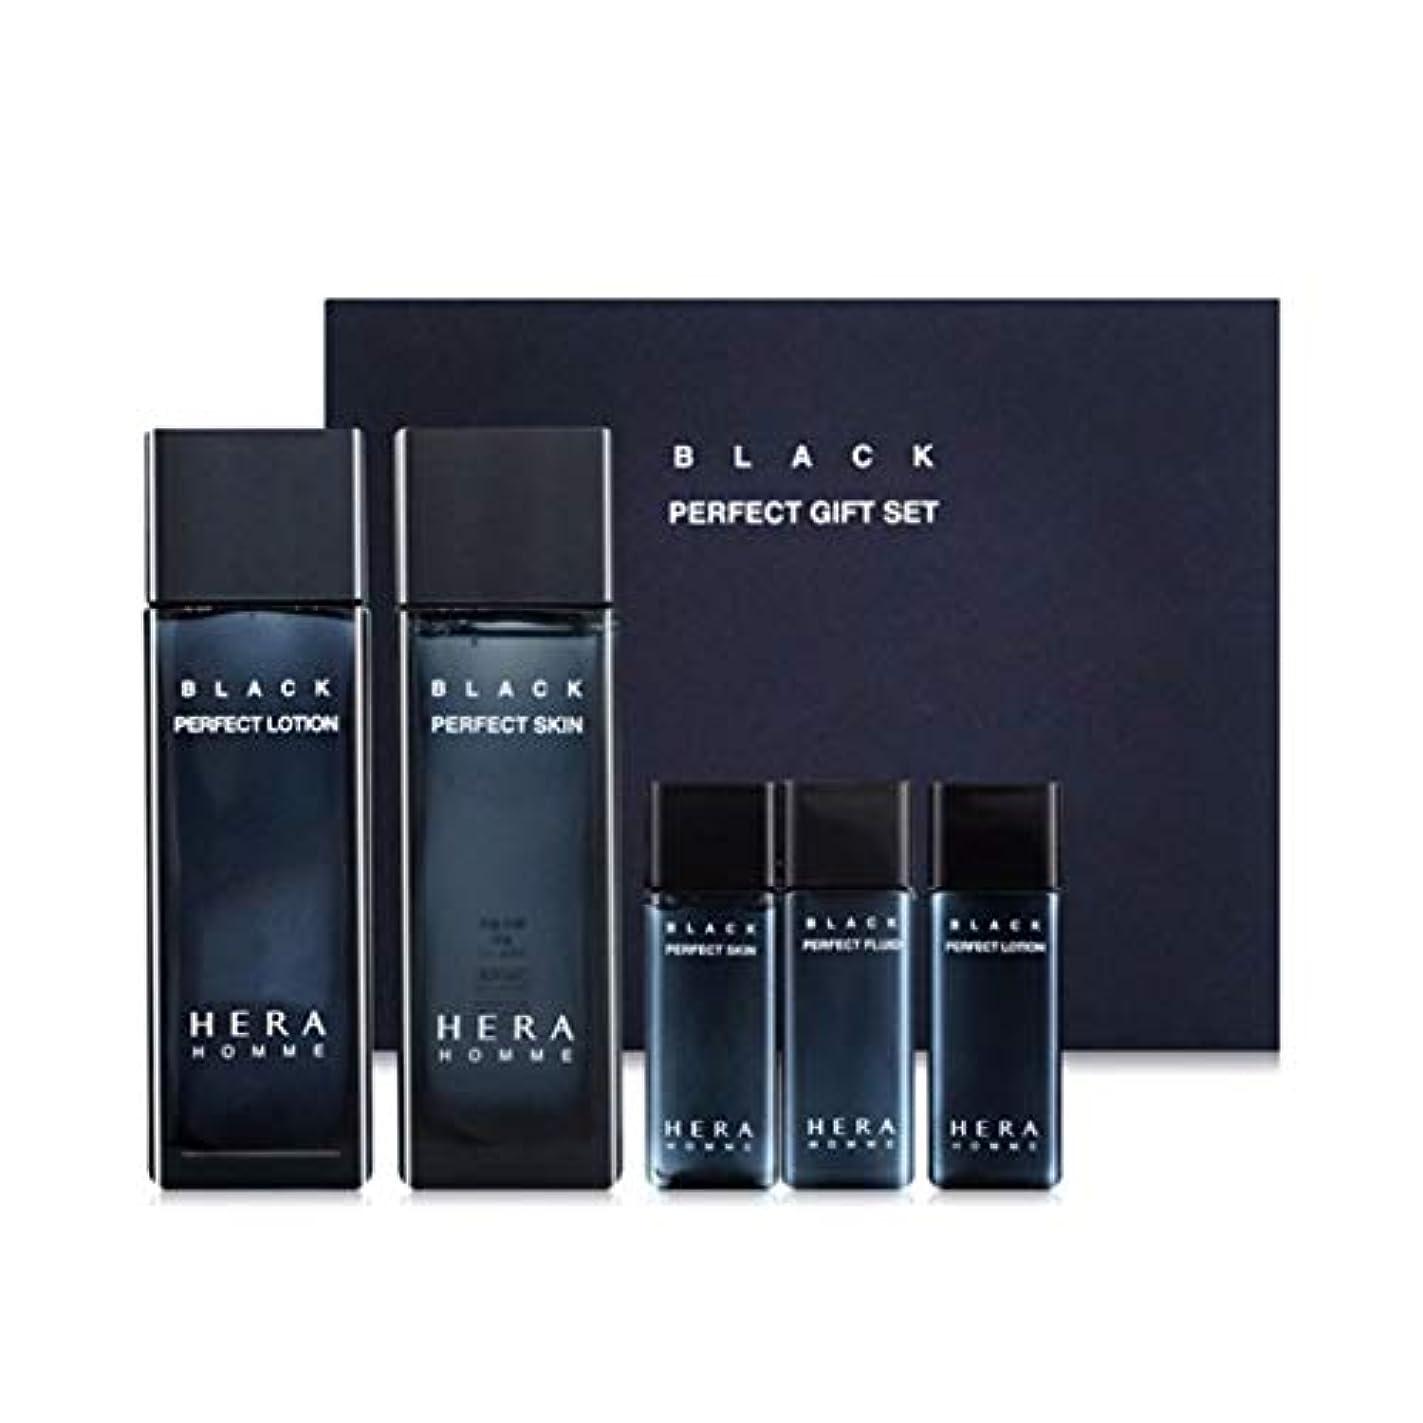 団結するドット気体のヘラオムブラックパーフェクトスキンローションセットメンズコスメ韓国コスメ、Hera Homme Black Perfect Skin Lotion Set Men's Cosmetics Korean Cosmetics...